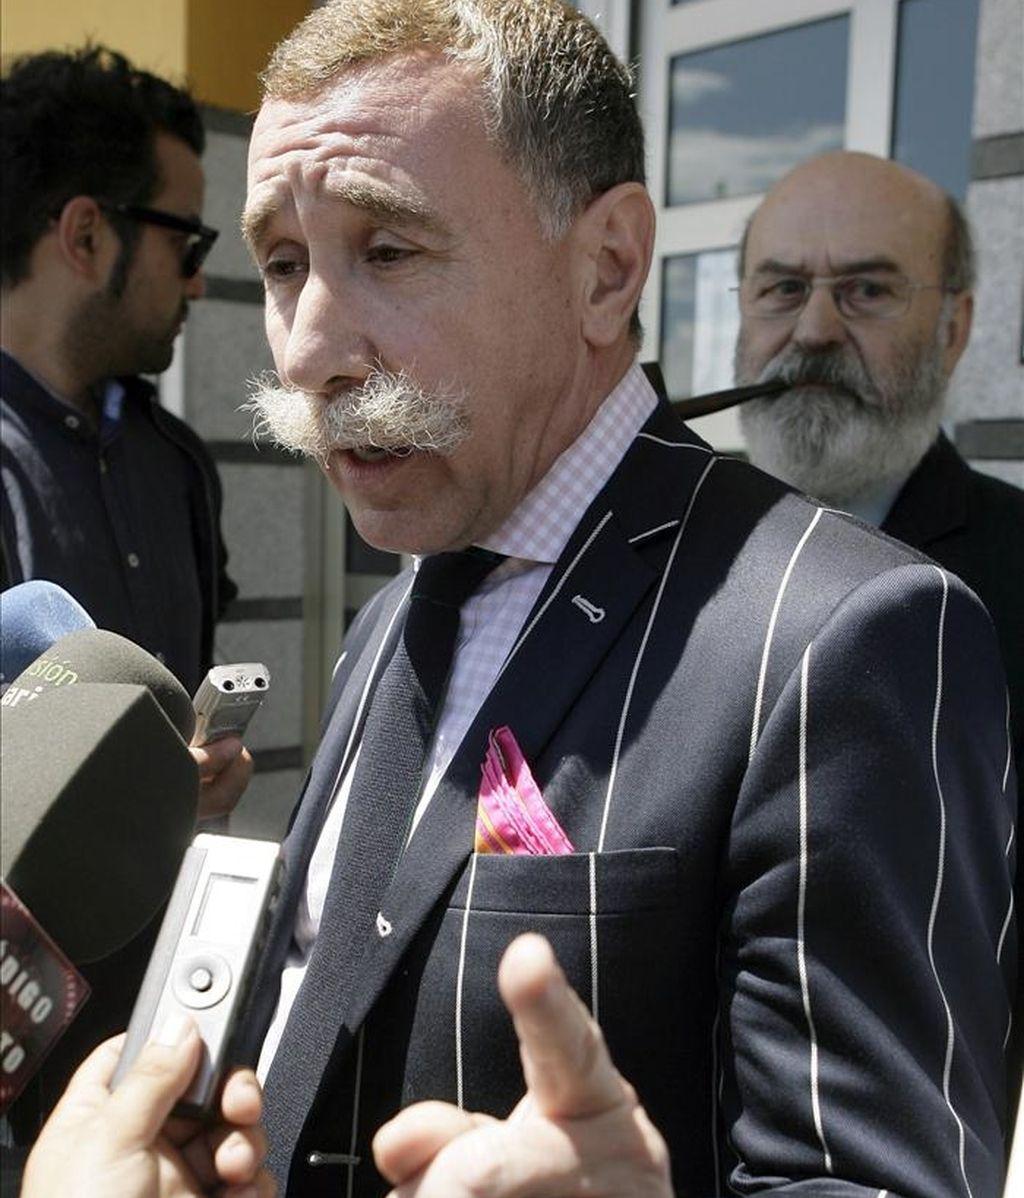 El abogado Marcos García Montes, representante de Belén García, madre de la niña Aitana, fallecida en 2009 en Tenerife al parecer por los golpes que recibió al caerse de un columpio, atiende a la prensa delante de los juzgados donde hoy comparecieron los forenses. EFE